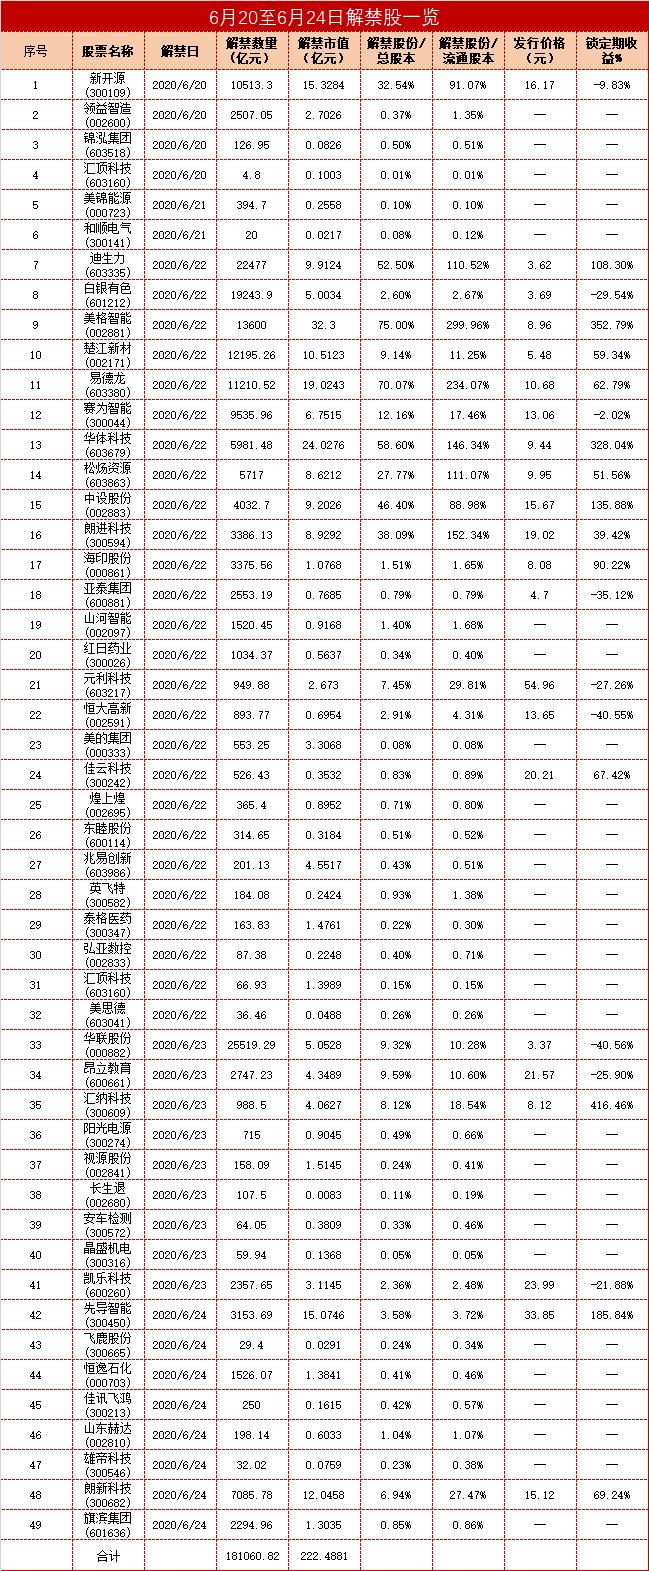 A股解禁:临近端午美格智能32.3亿解禁 汇纳科技以416.46%锁定期收益强势领跑